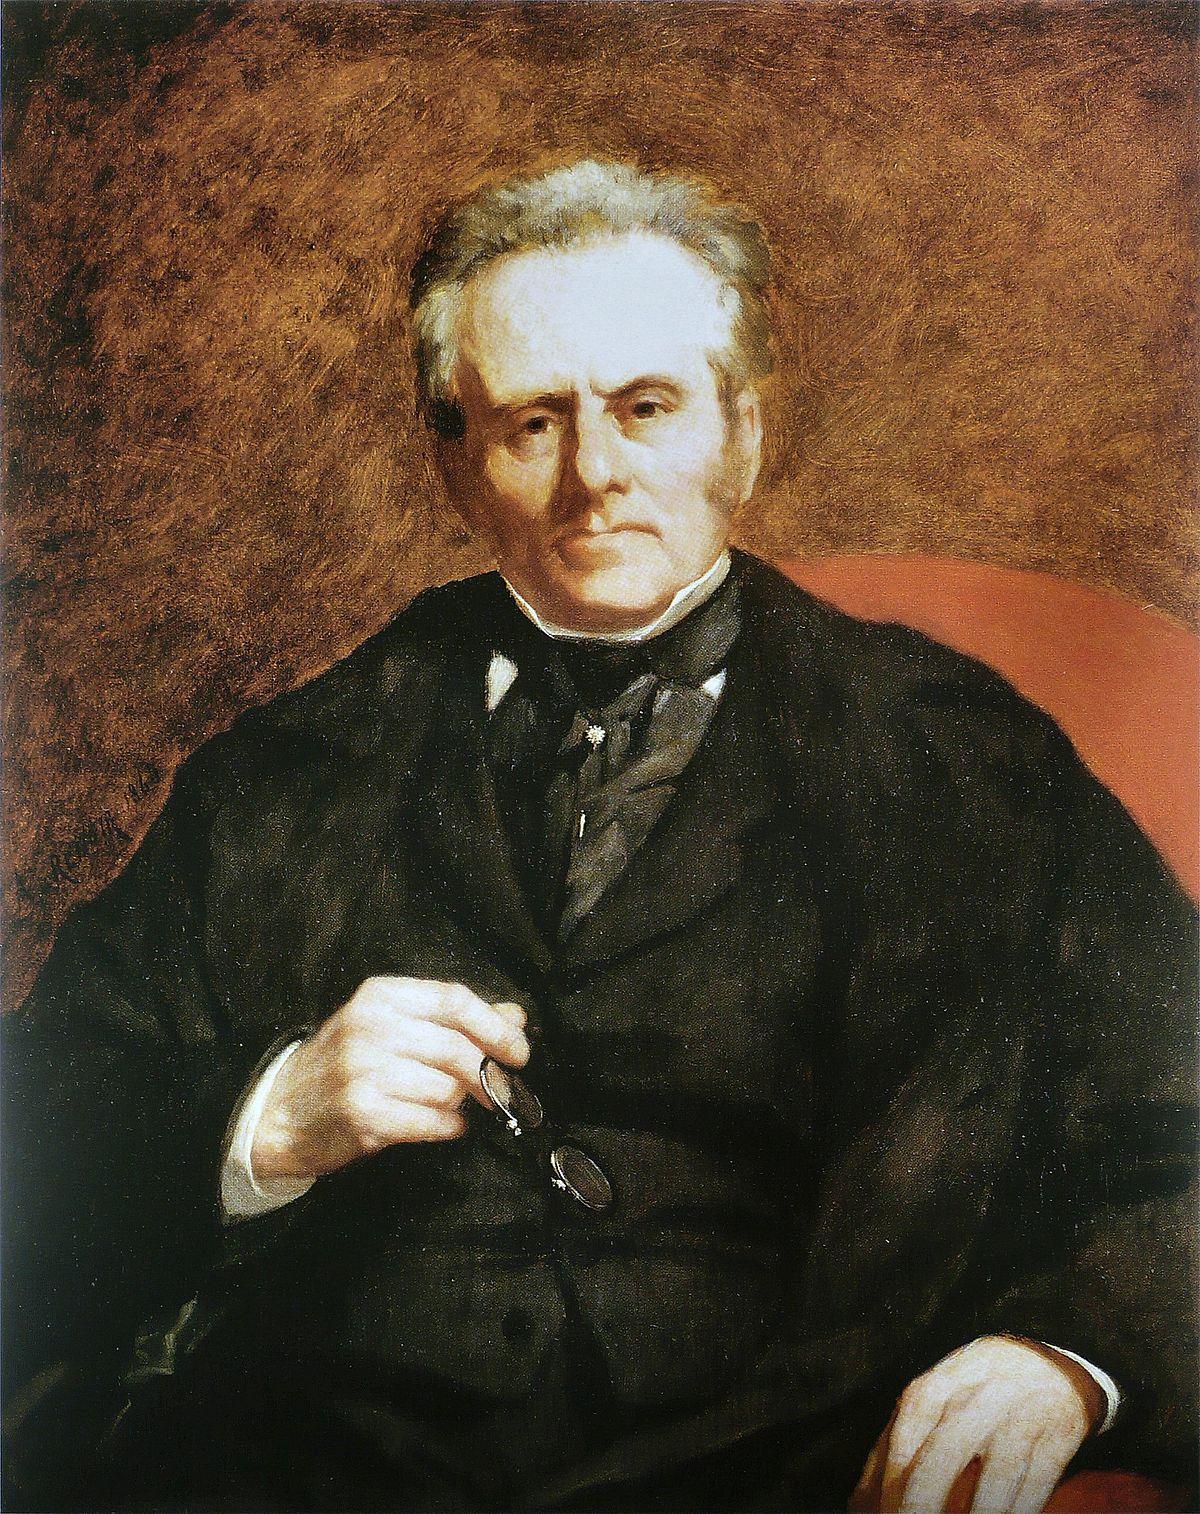 Ritratto di William Sisley - Wikipedia